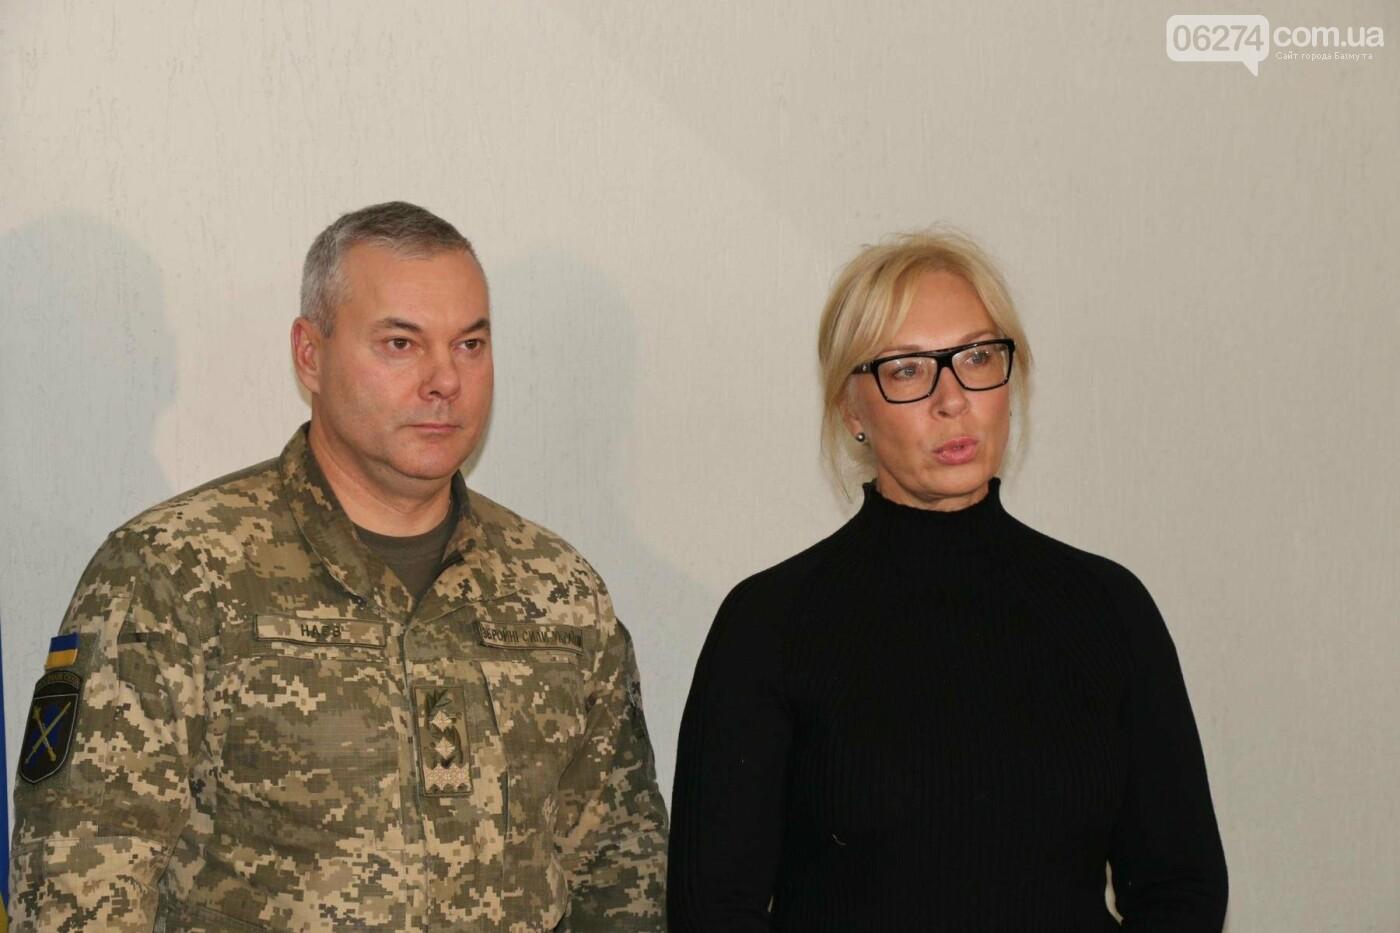 Омбудсмены Литвы и Украины посетили КПВВ в Бахмутском районе с мониторинговым визитом, фото-3